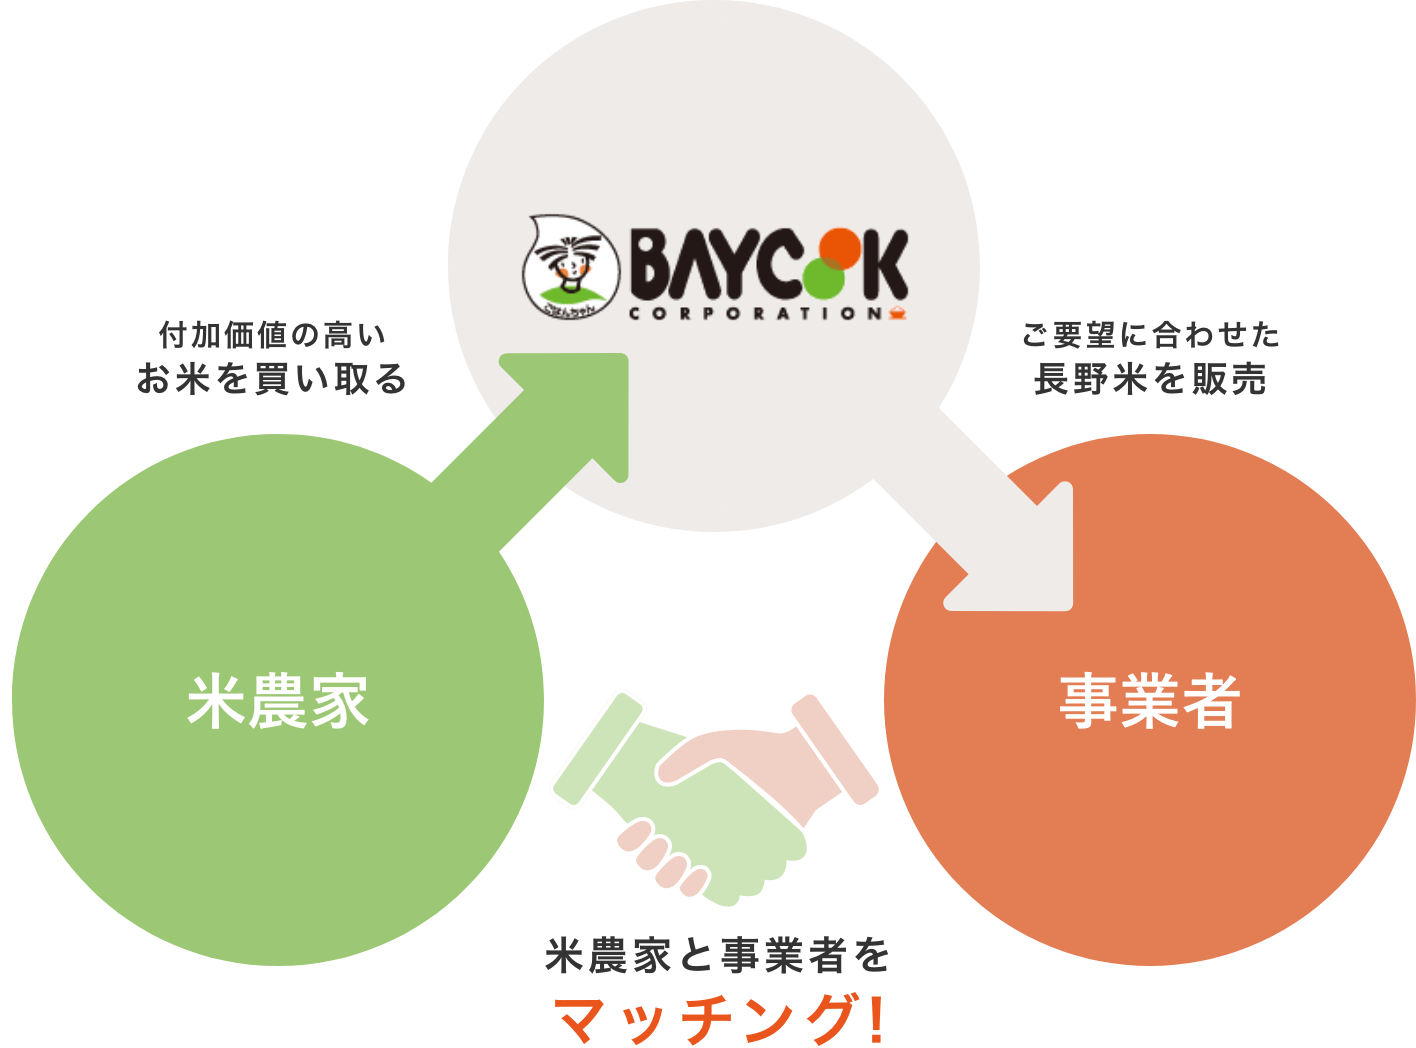 ベイクックコーポレーションが長野の米農家と事業者をマッチング|長野米の品質とベイクックの役割